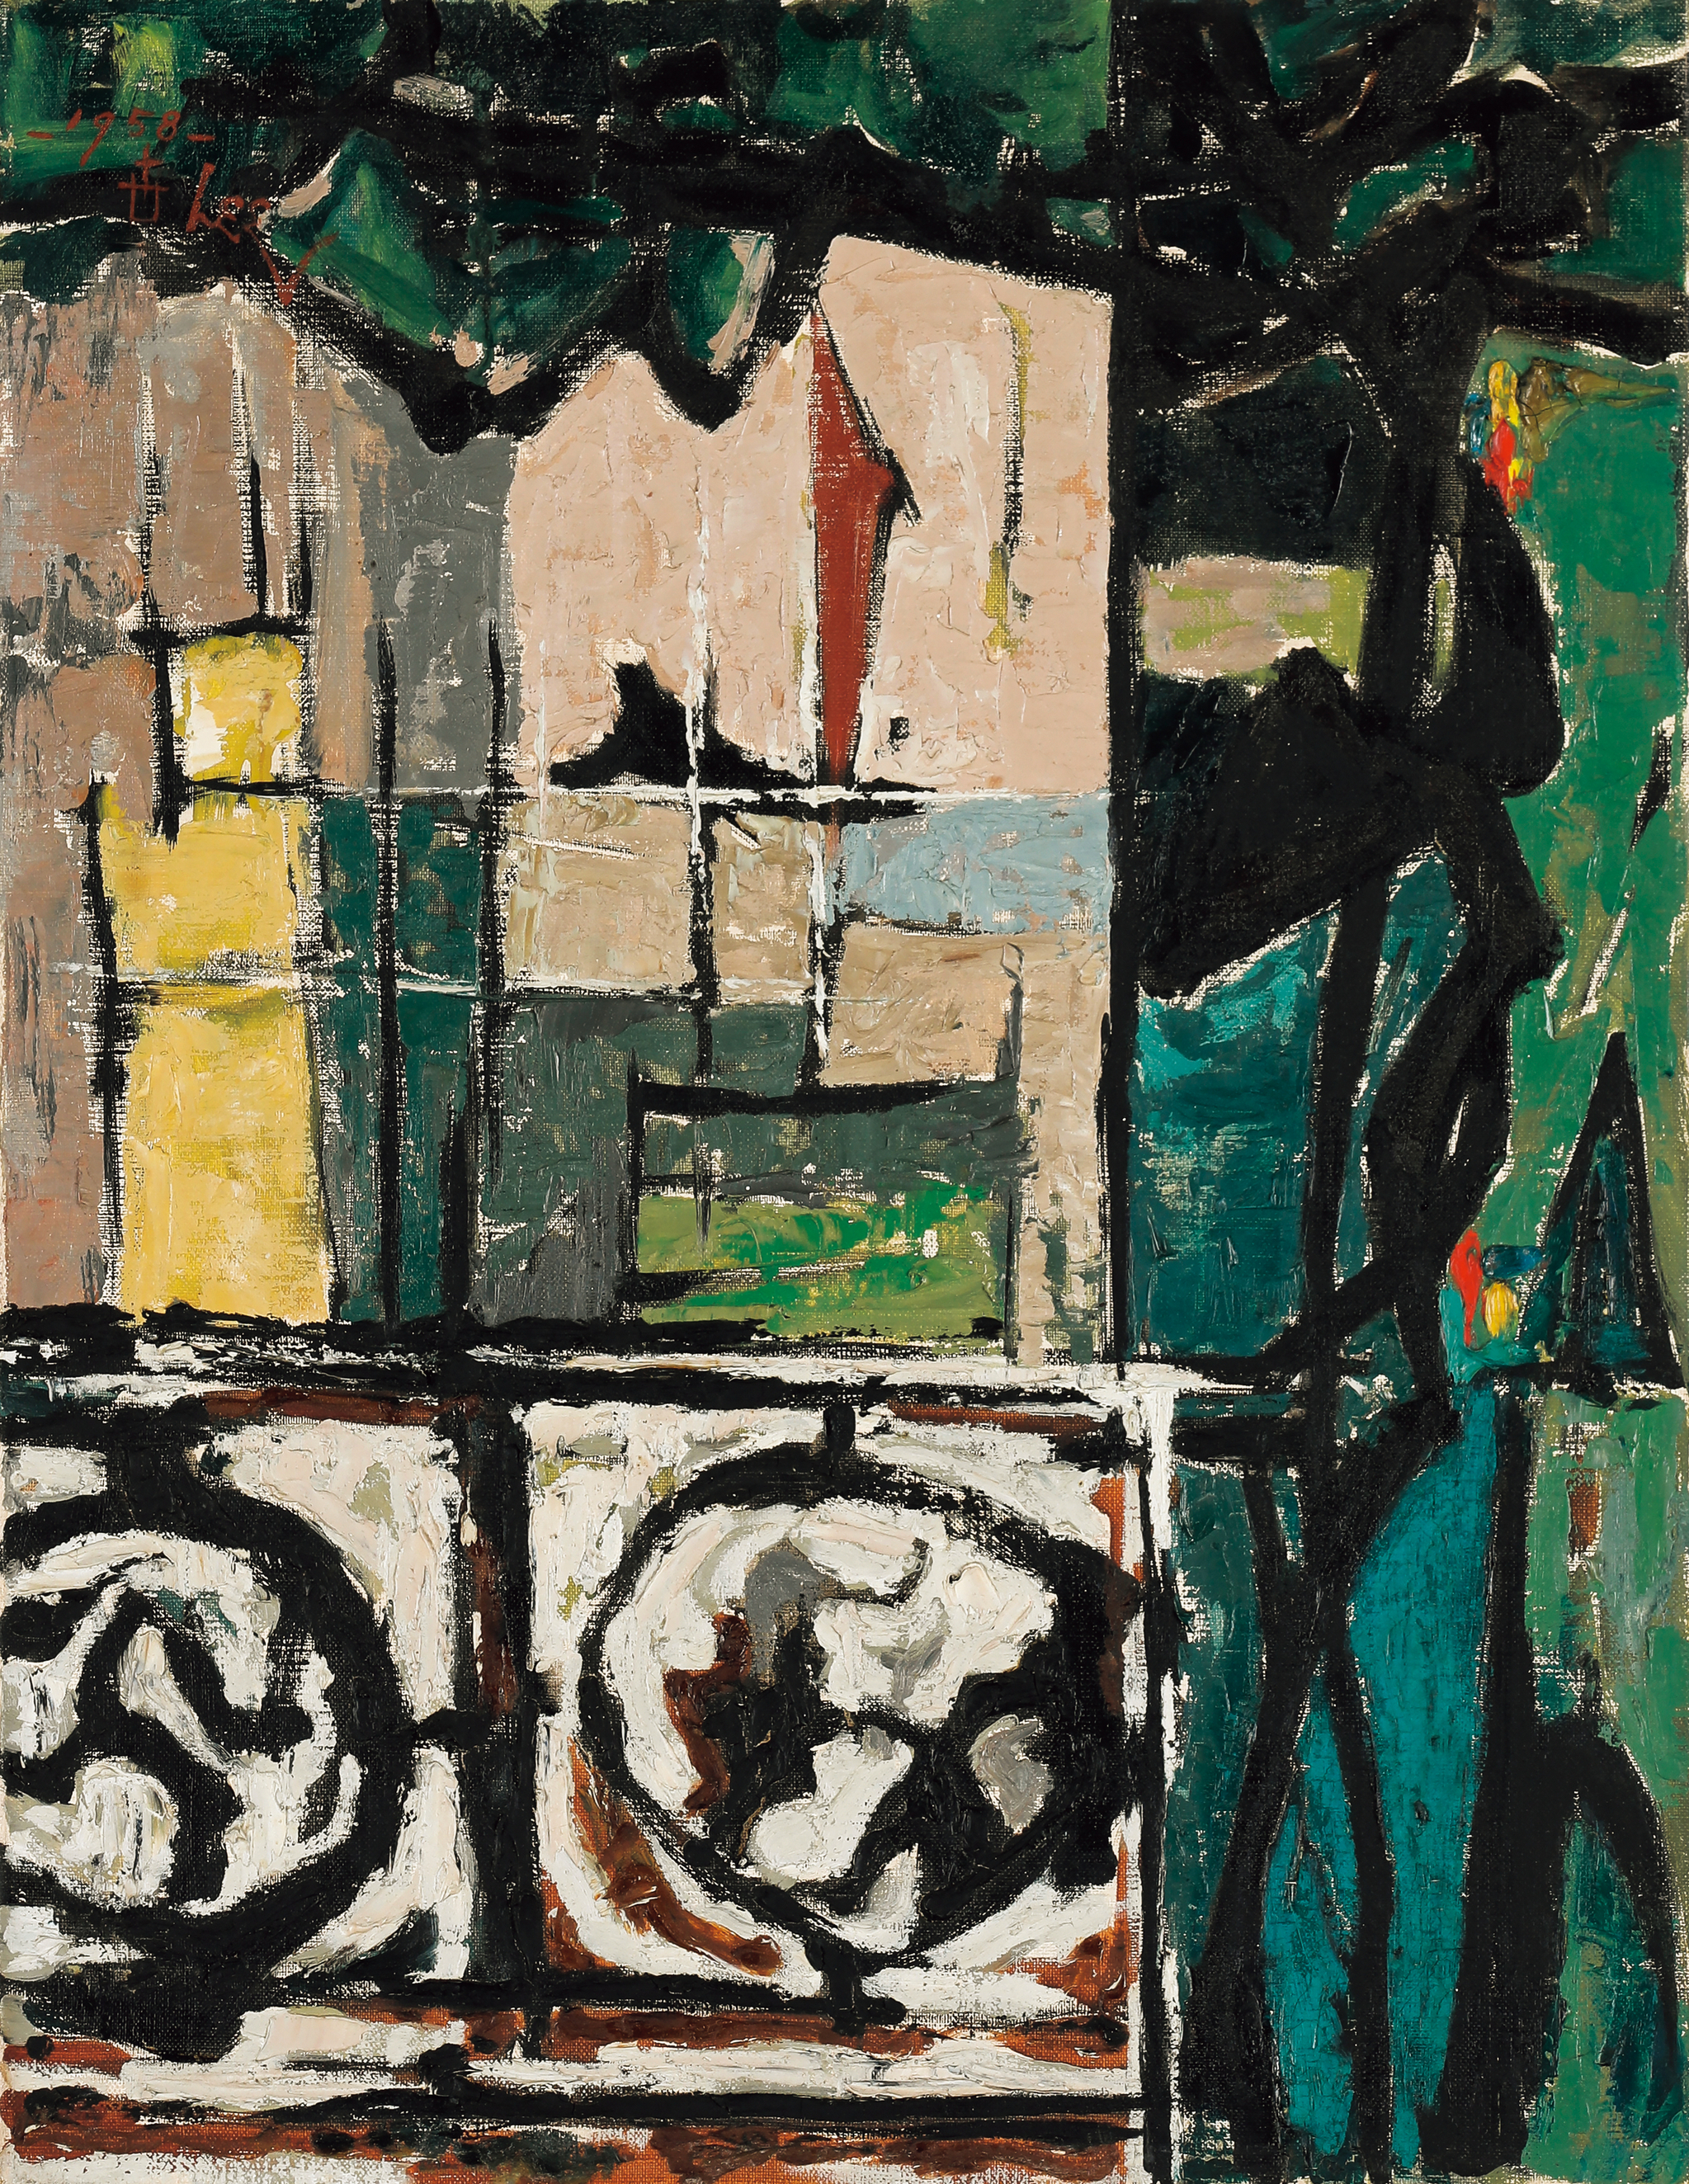 이세득, '하오의 테라스', oil on canvas, 53.2☓41.0cm, 1958, 경매 추정가 900~ 1300만원 [사진 서울옥션]